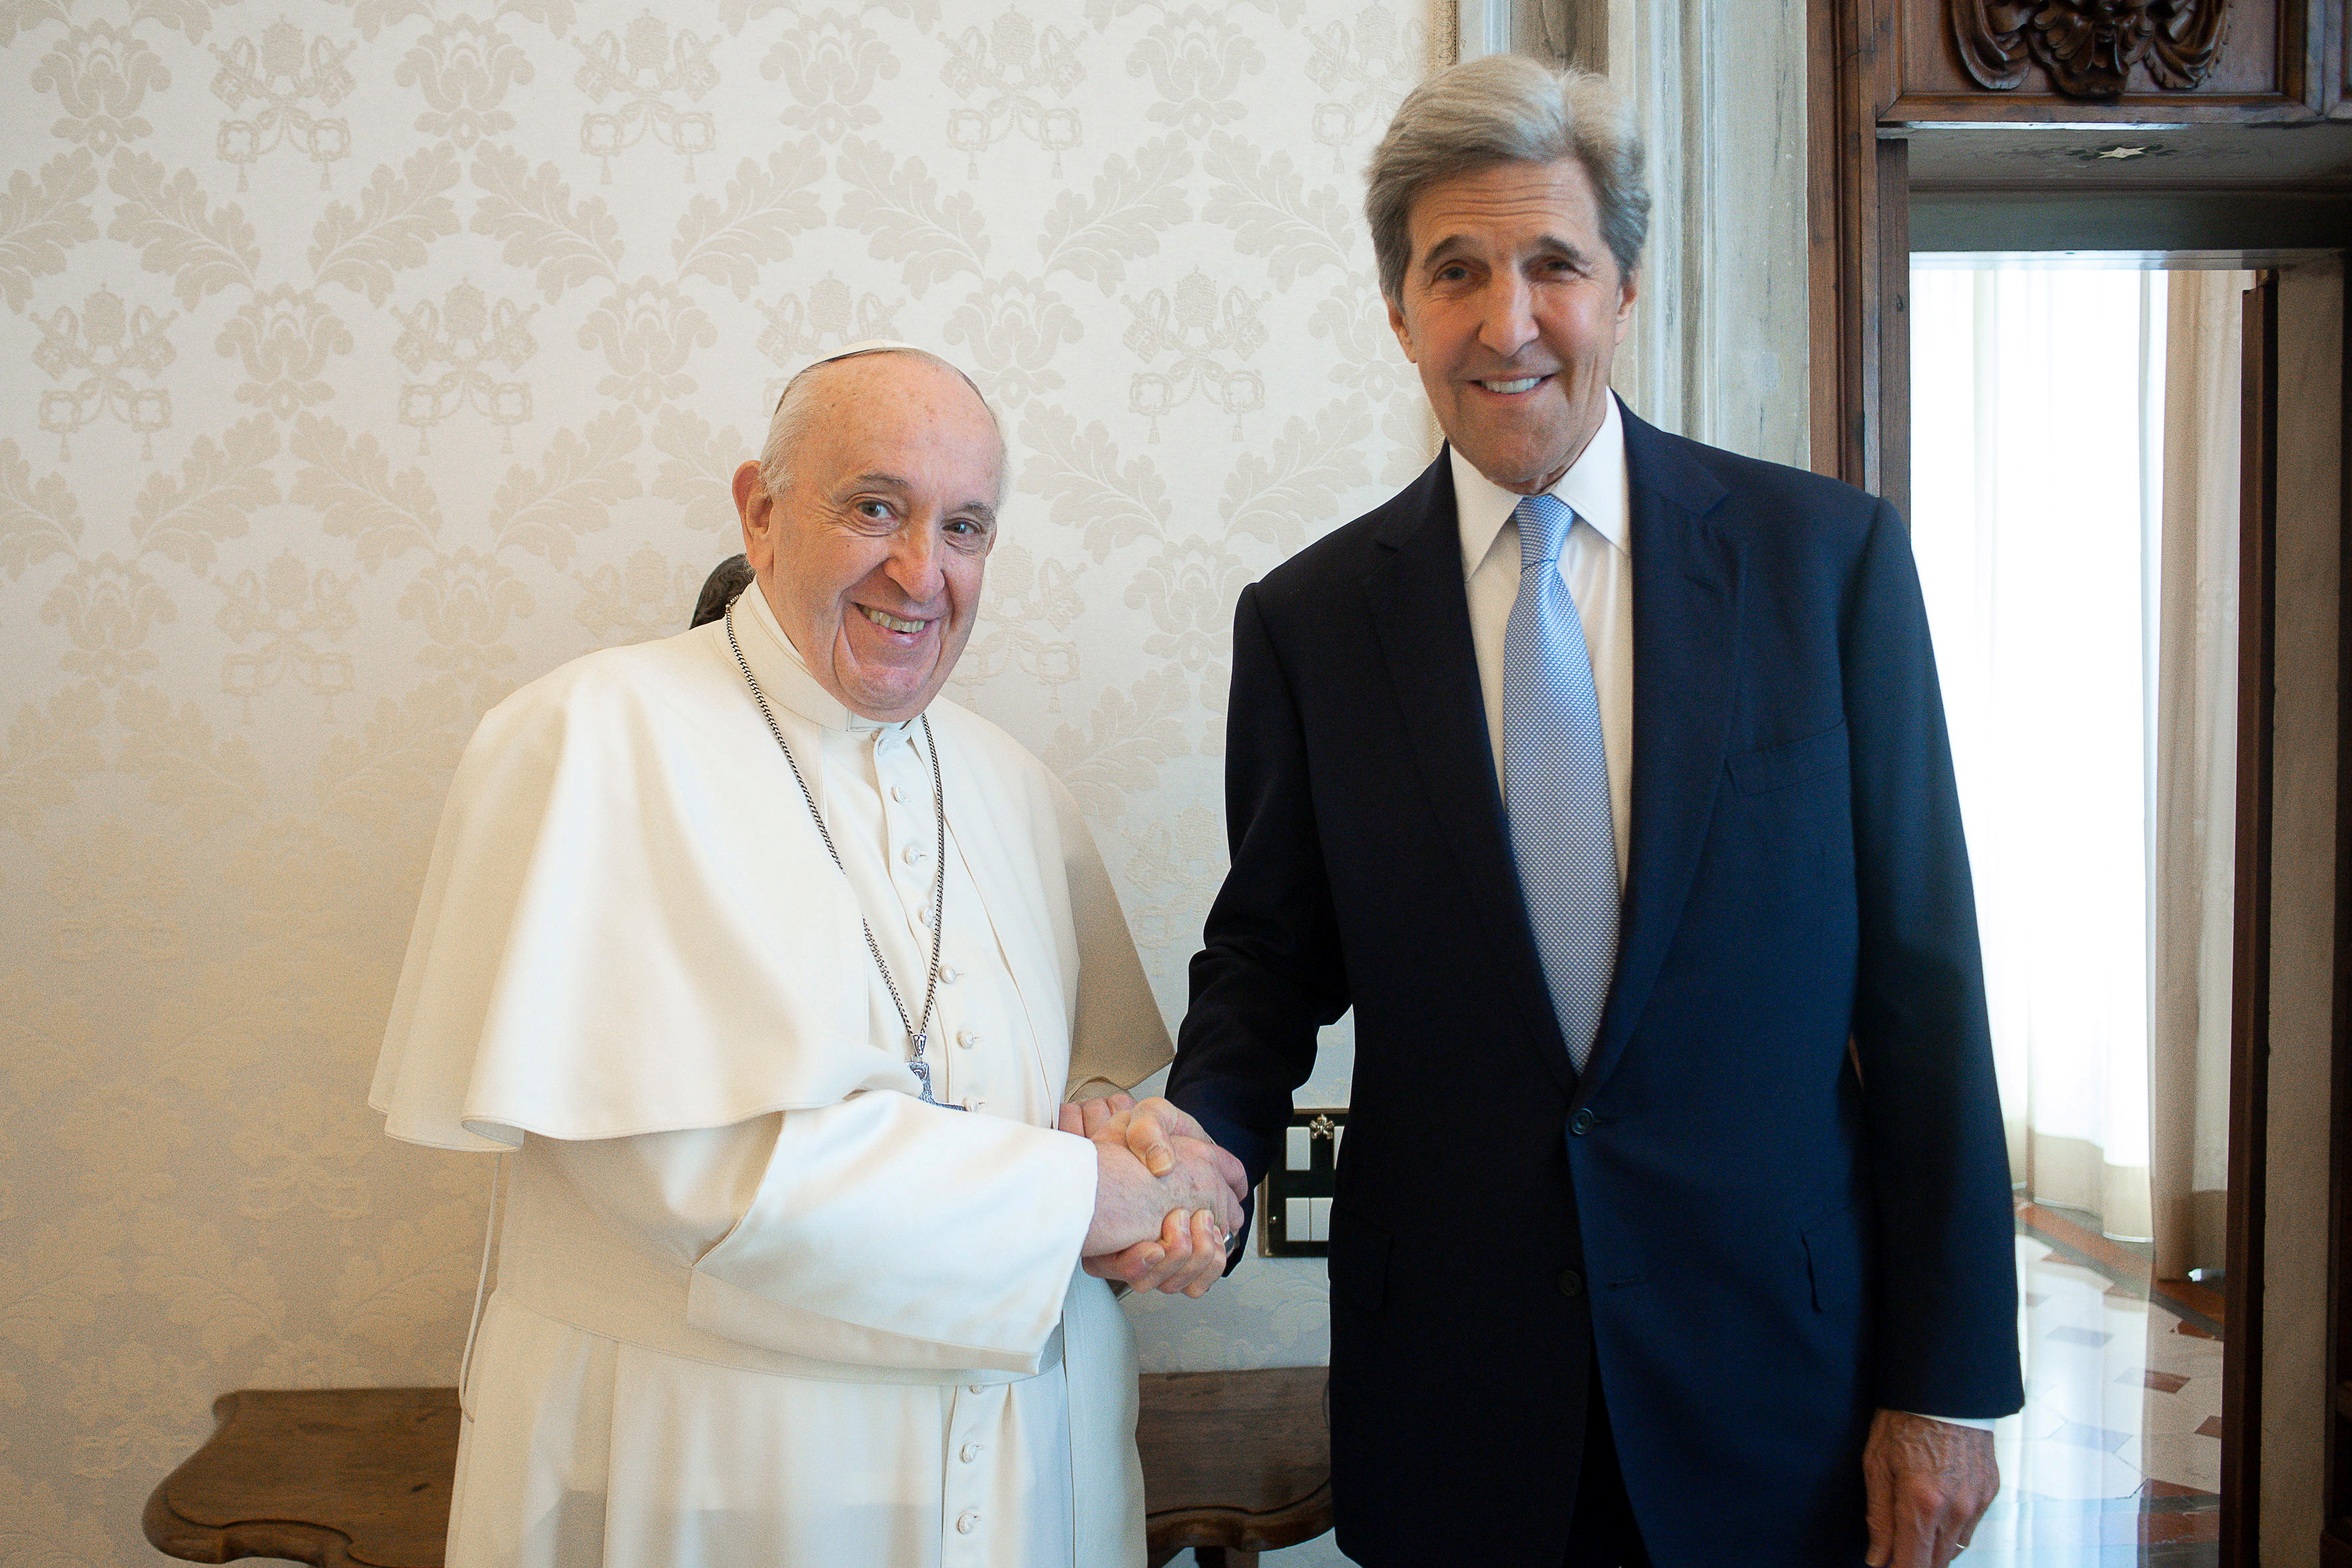 Pope Francis meets U.S. climate envoy John Kerry at the Vatican May 15, 2021   Vatican Media/Handout via REUTERS